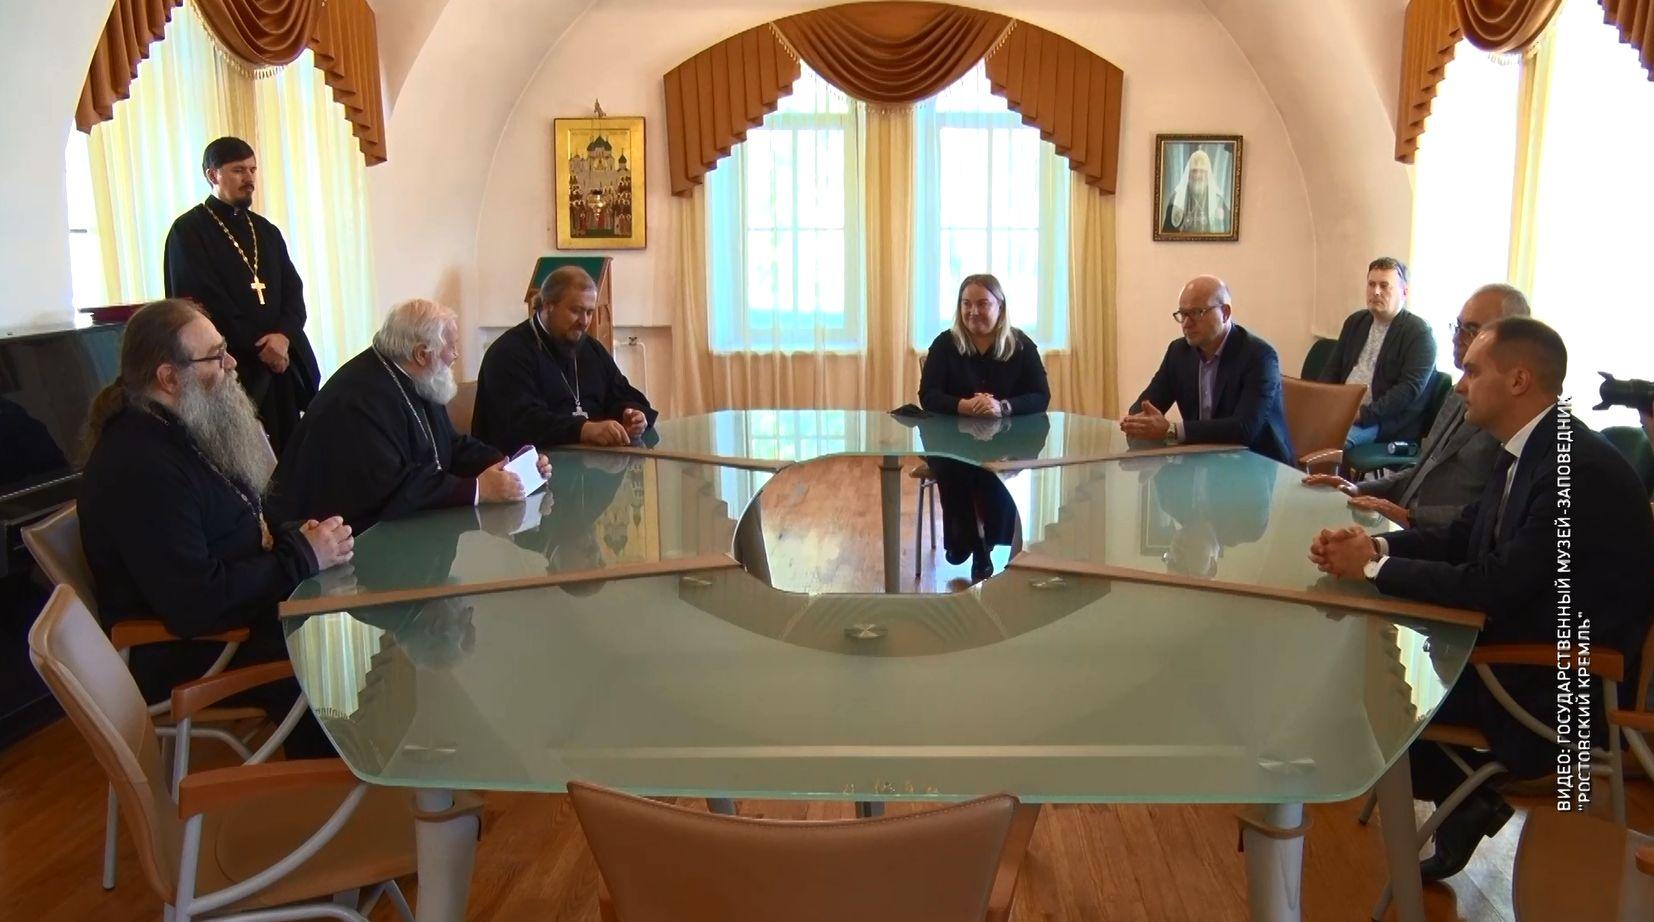 В Ярославской епархии подписали соглашение о партнерстве между Ростовским кремлем и инвестором